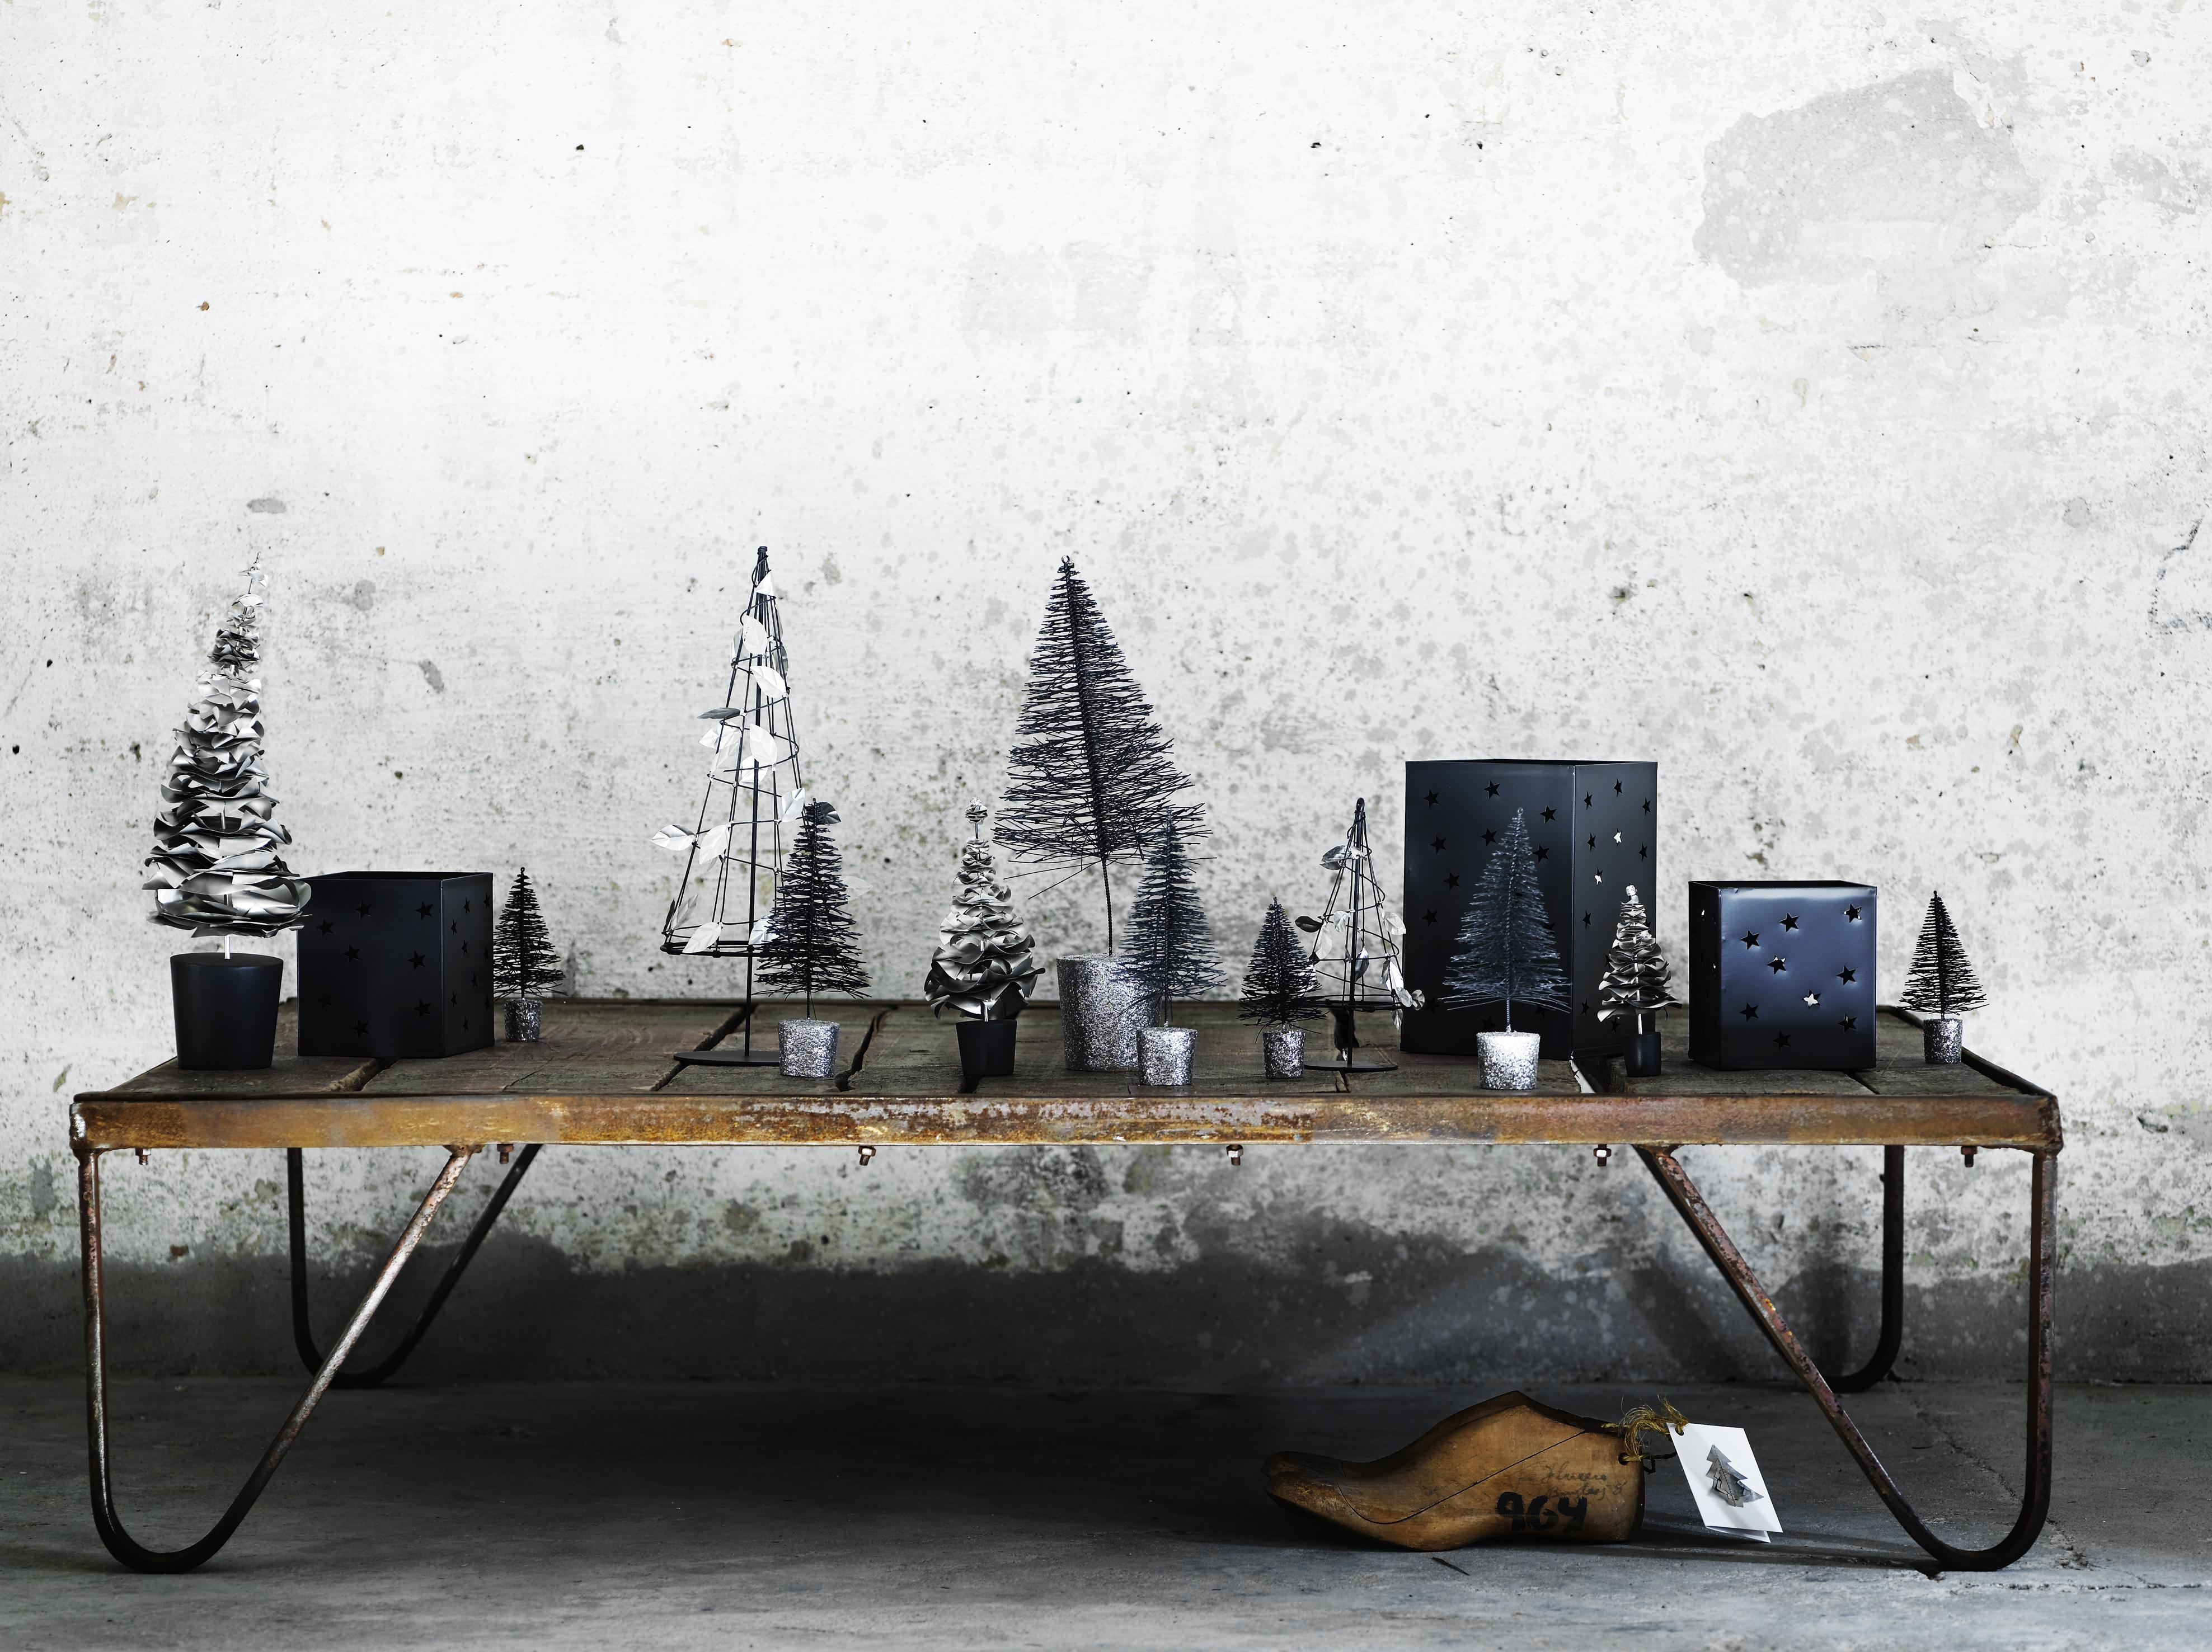 Dansk juldesign och inredning hos tine k ‹ dansk inredning och design